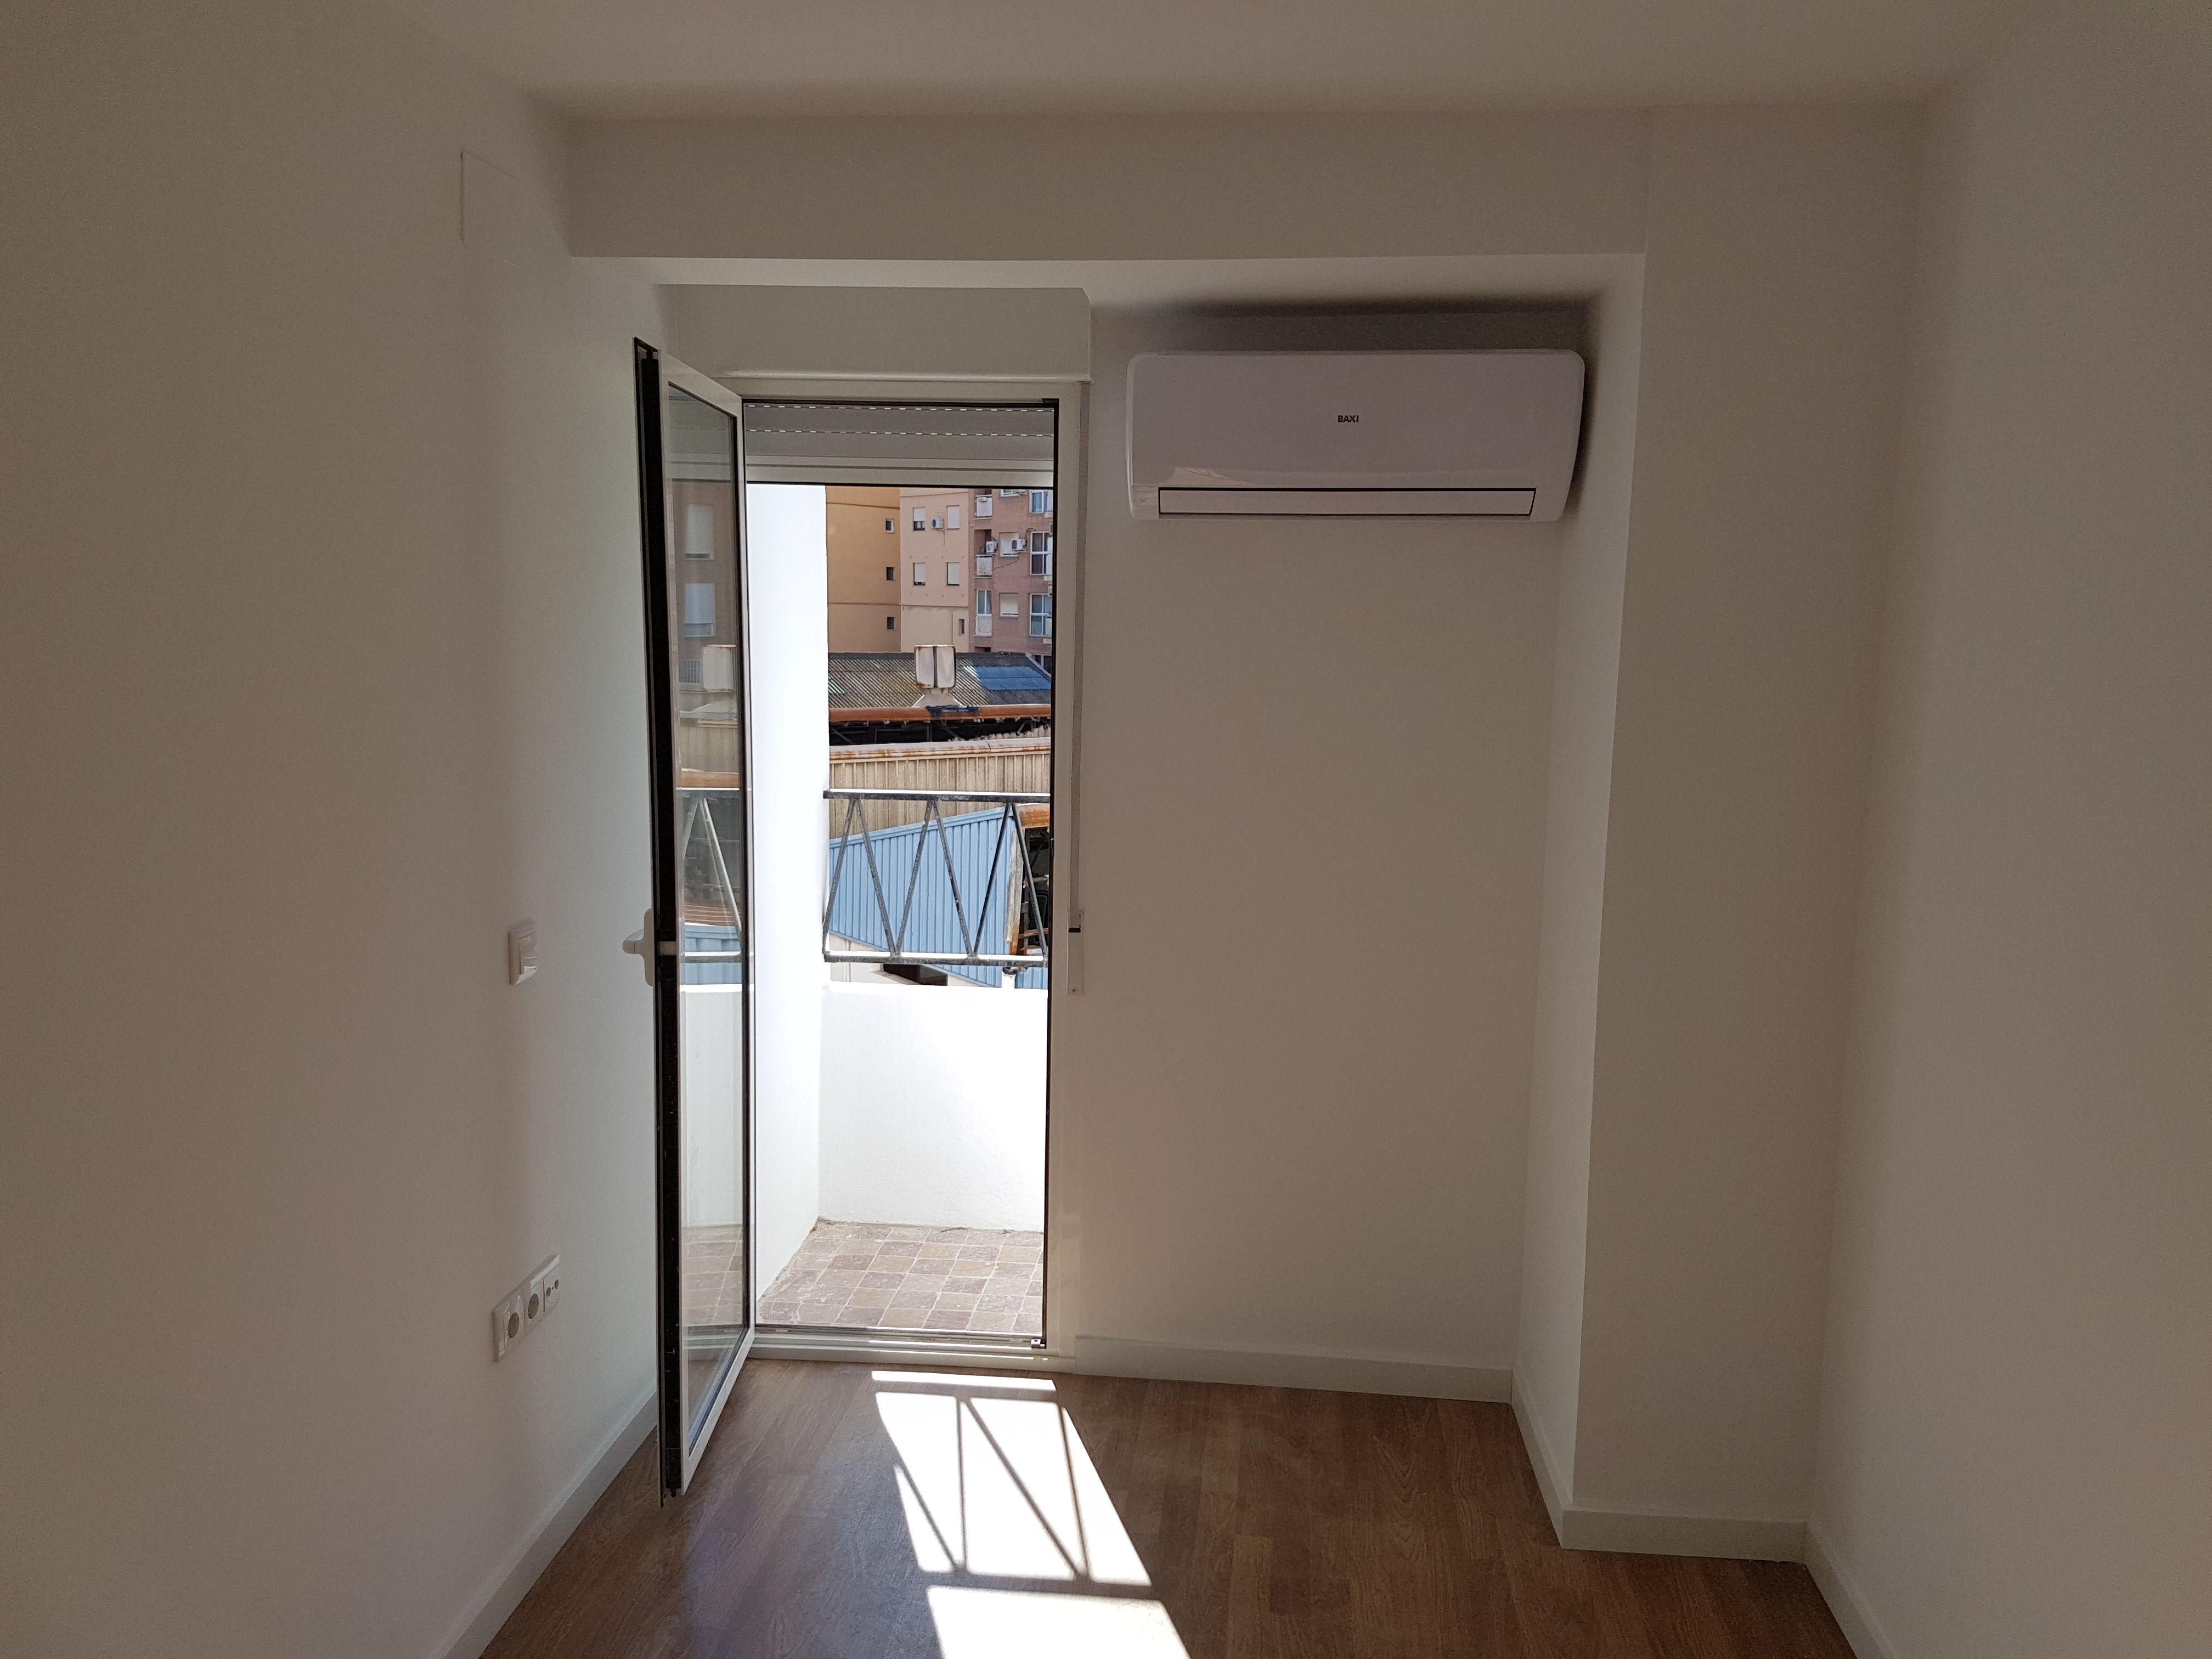 Reformas integrales de viviendas particulares en Valencia